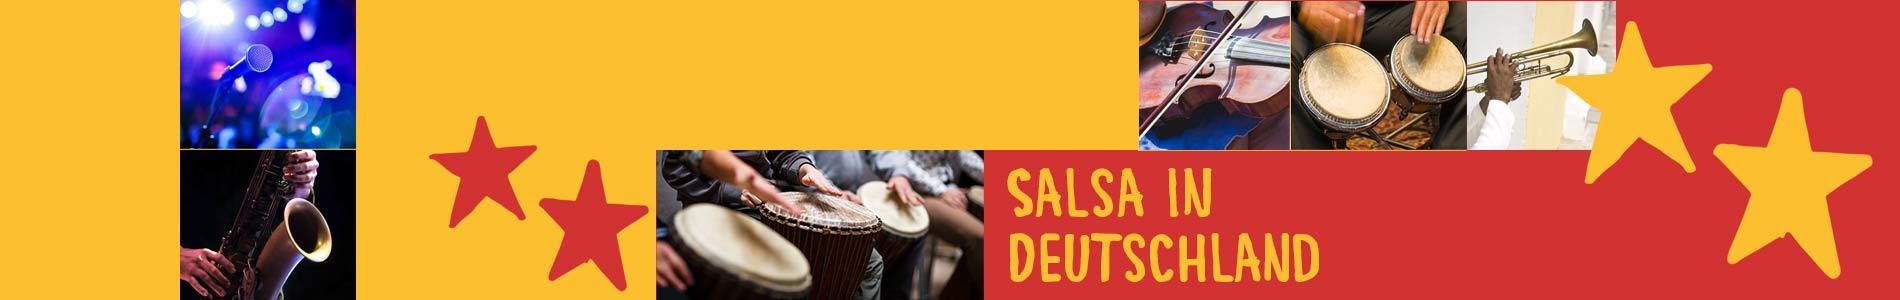 Salsa in Colditz – Salsa lernen und tanzen, Tanzkurse, Partys, Veranstaltungen